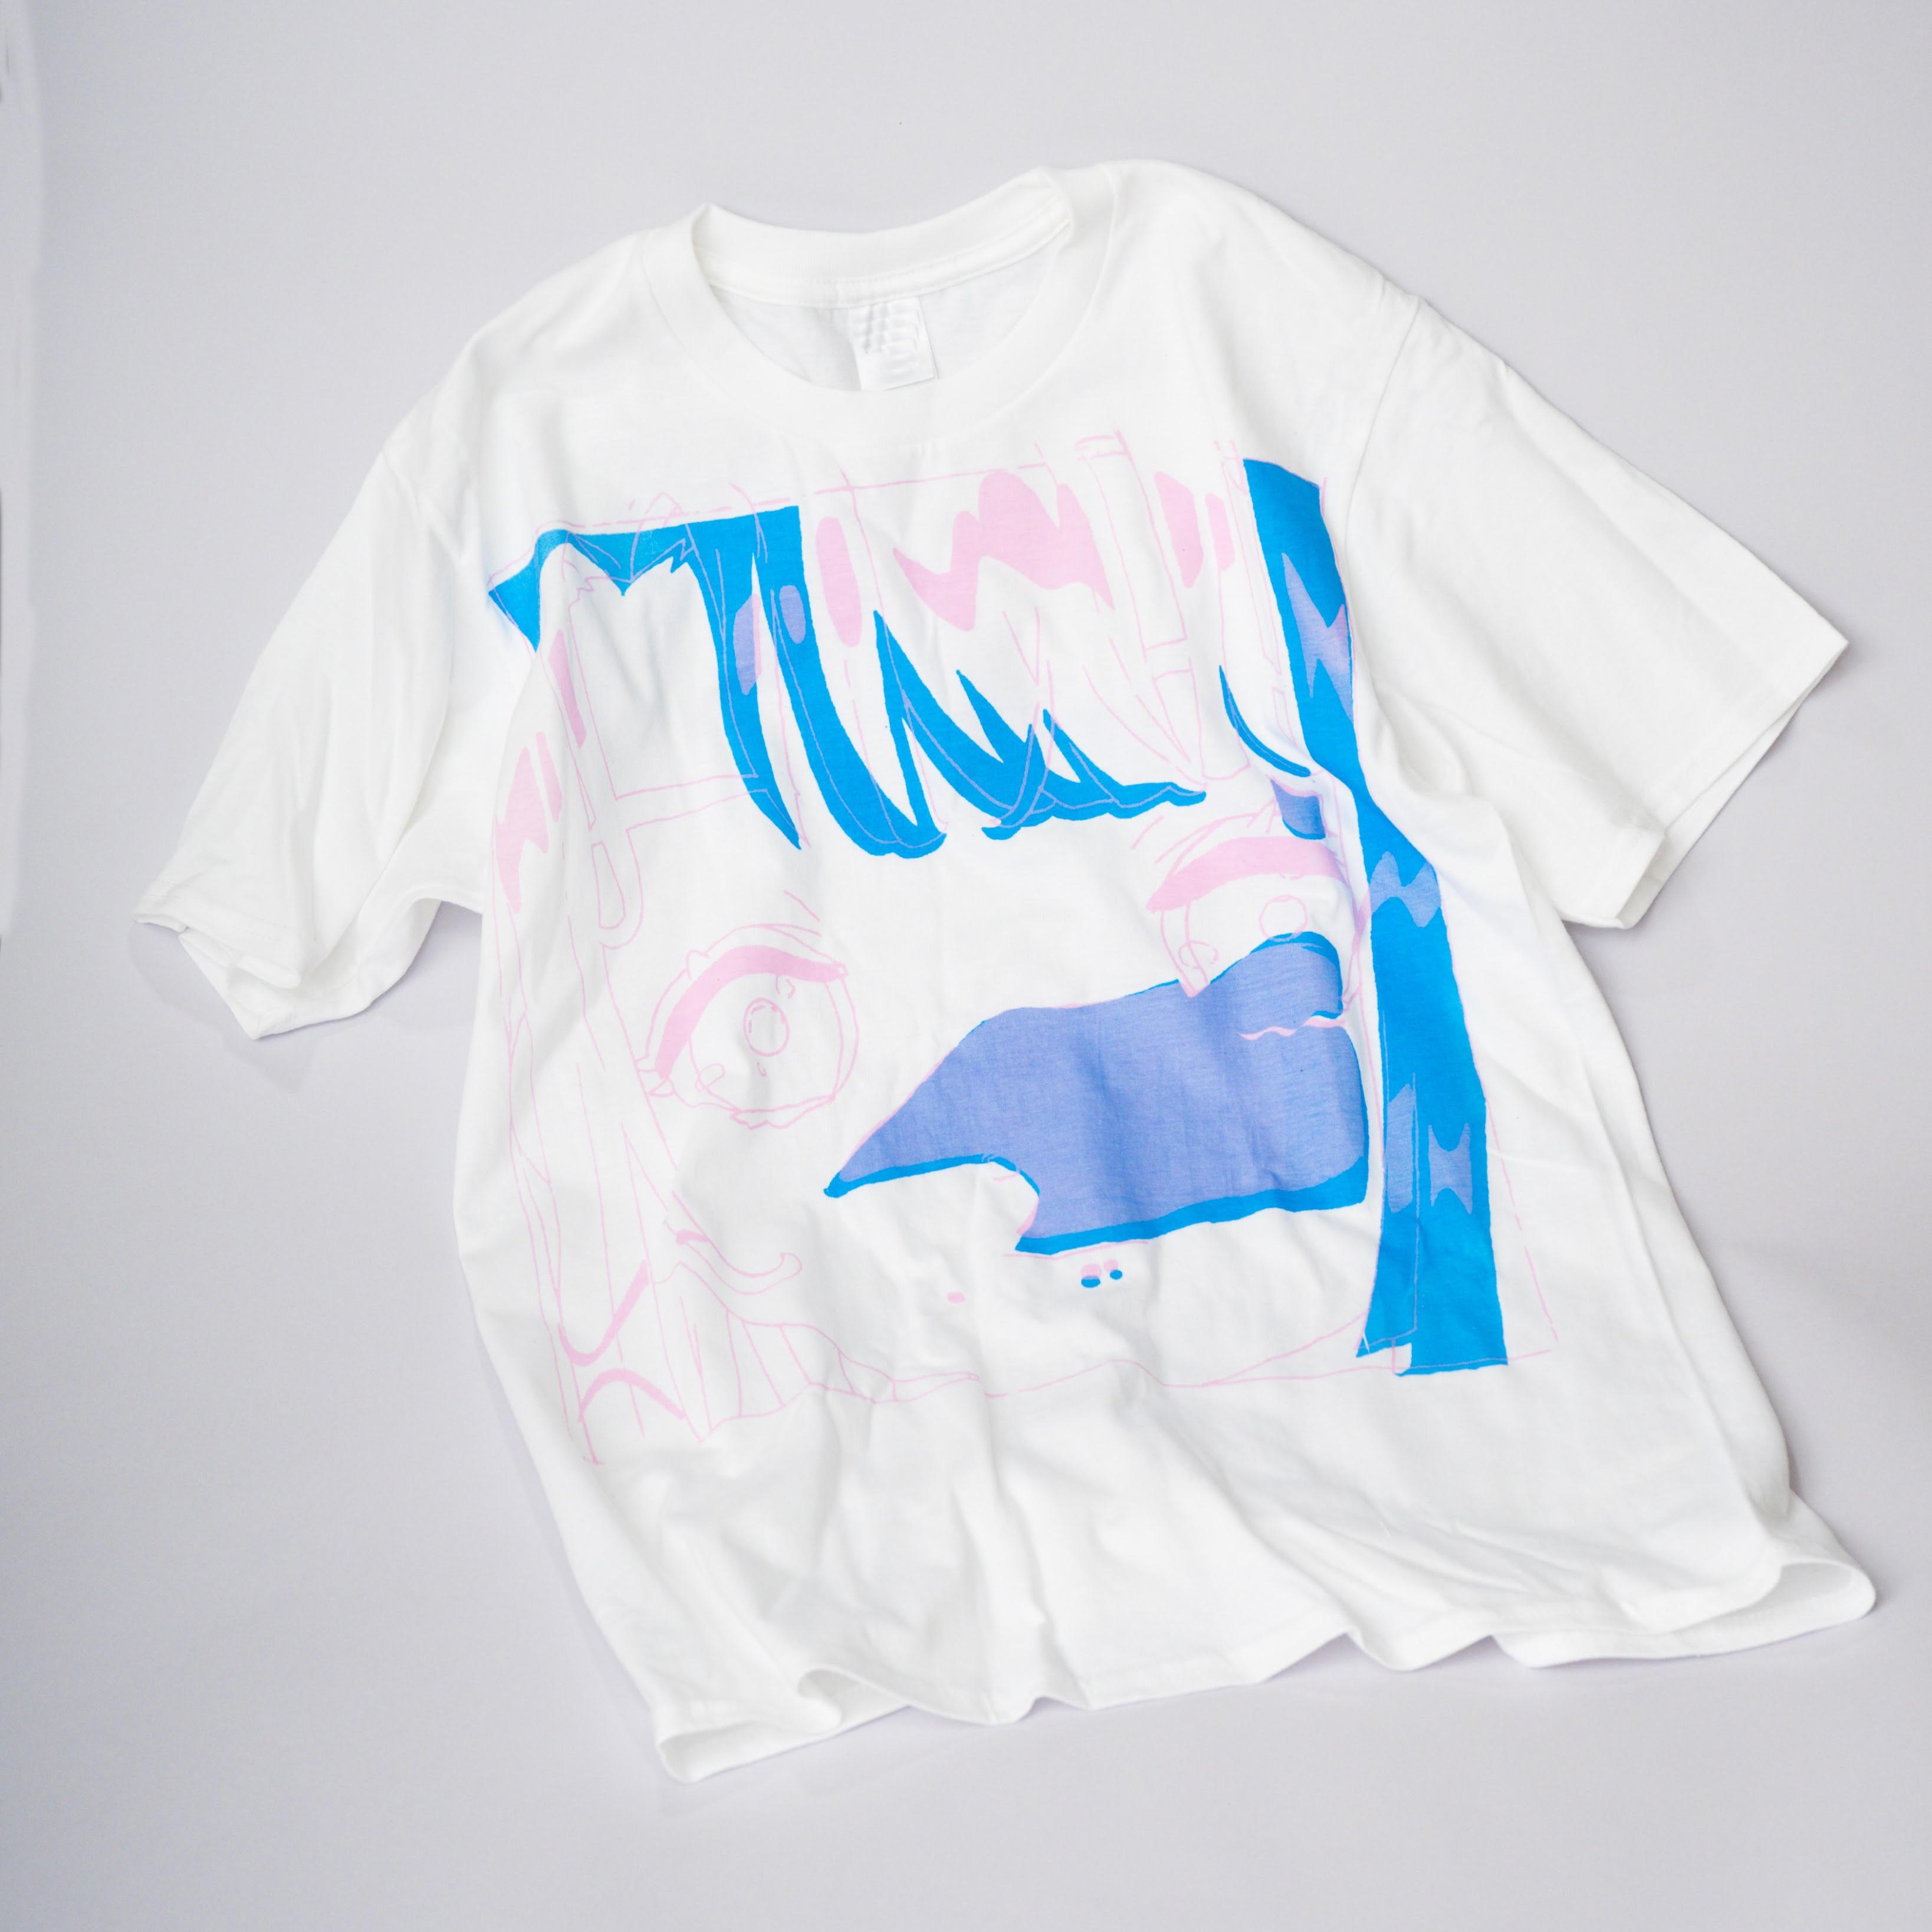 門眞妙 / Tシャツ「kimi」